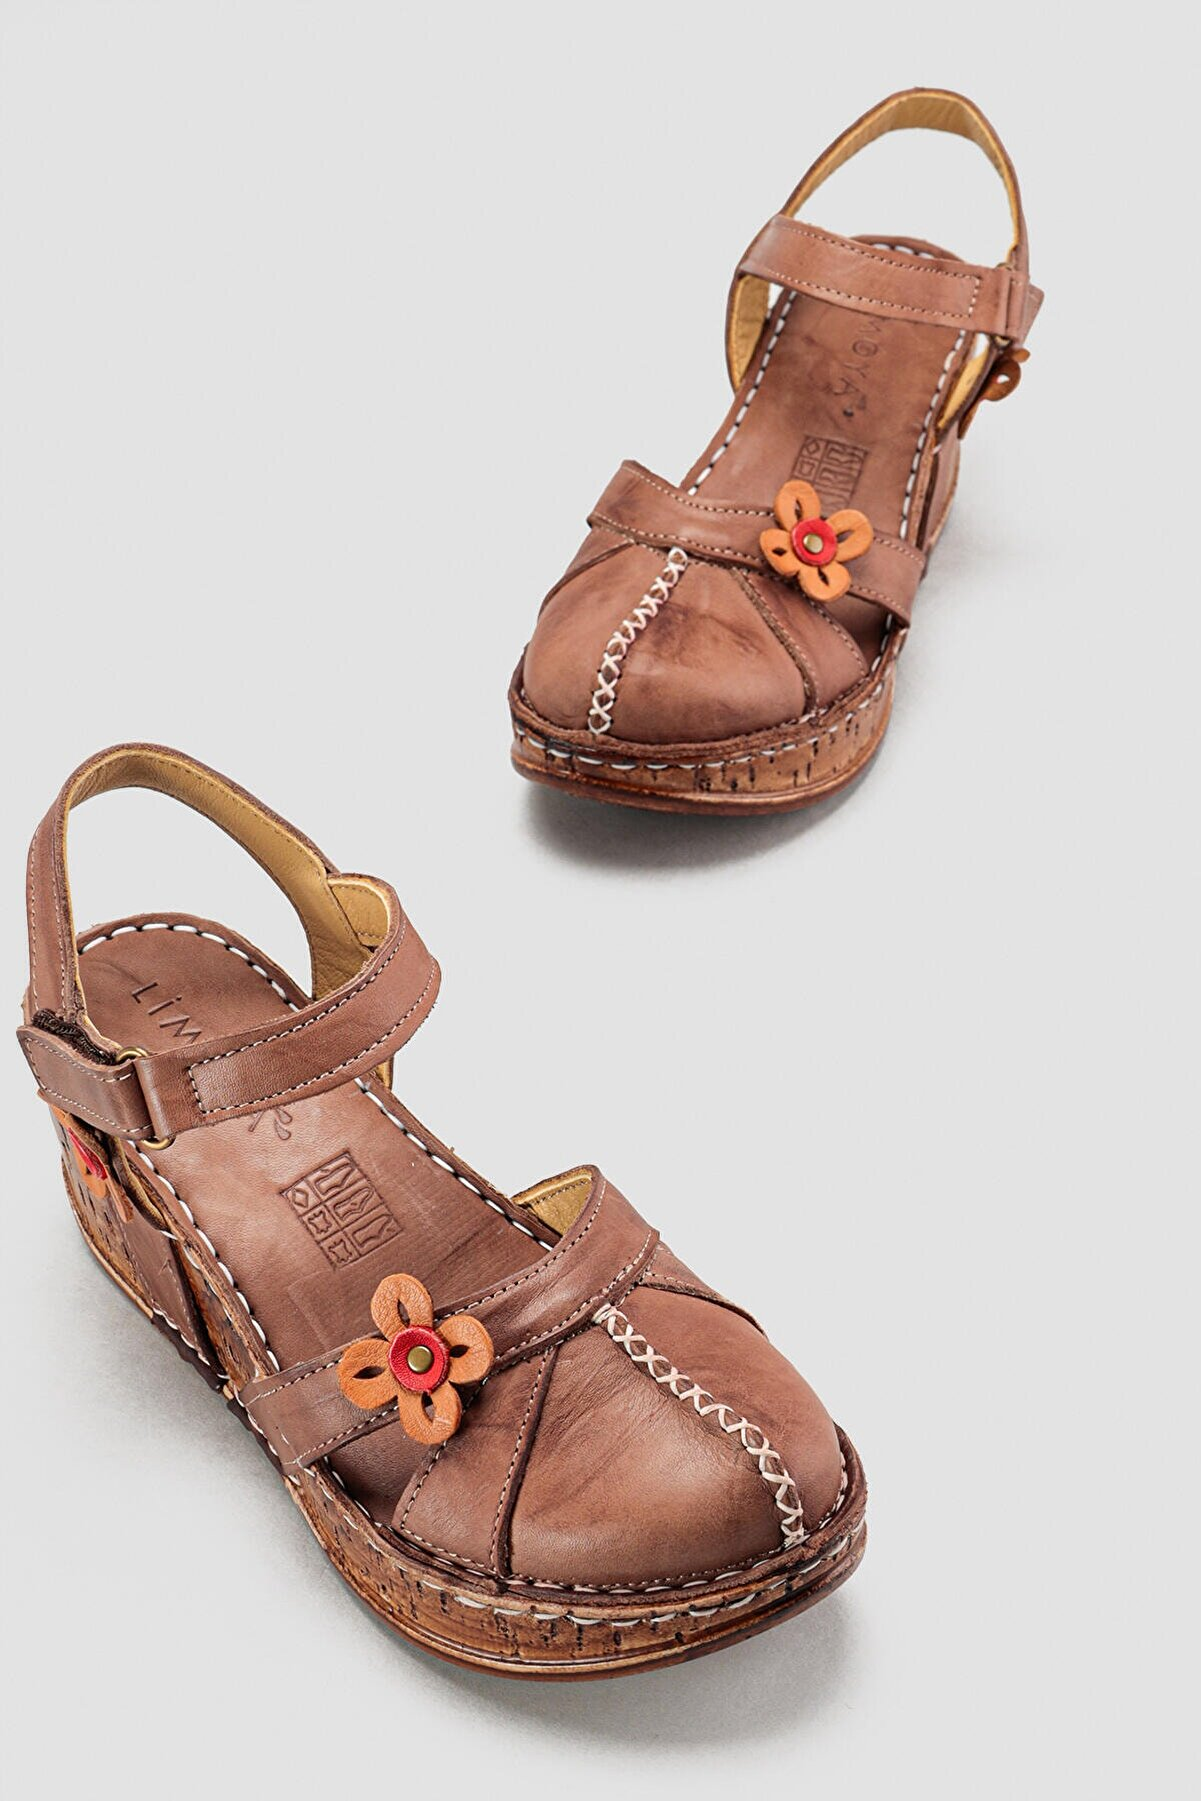 Limoya Hakiki Deri Katlyn Toprak Çiçek Detaylı Burnu Kapalı Dolgu Topuklu Sandalet